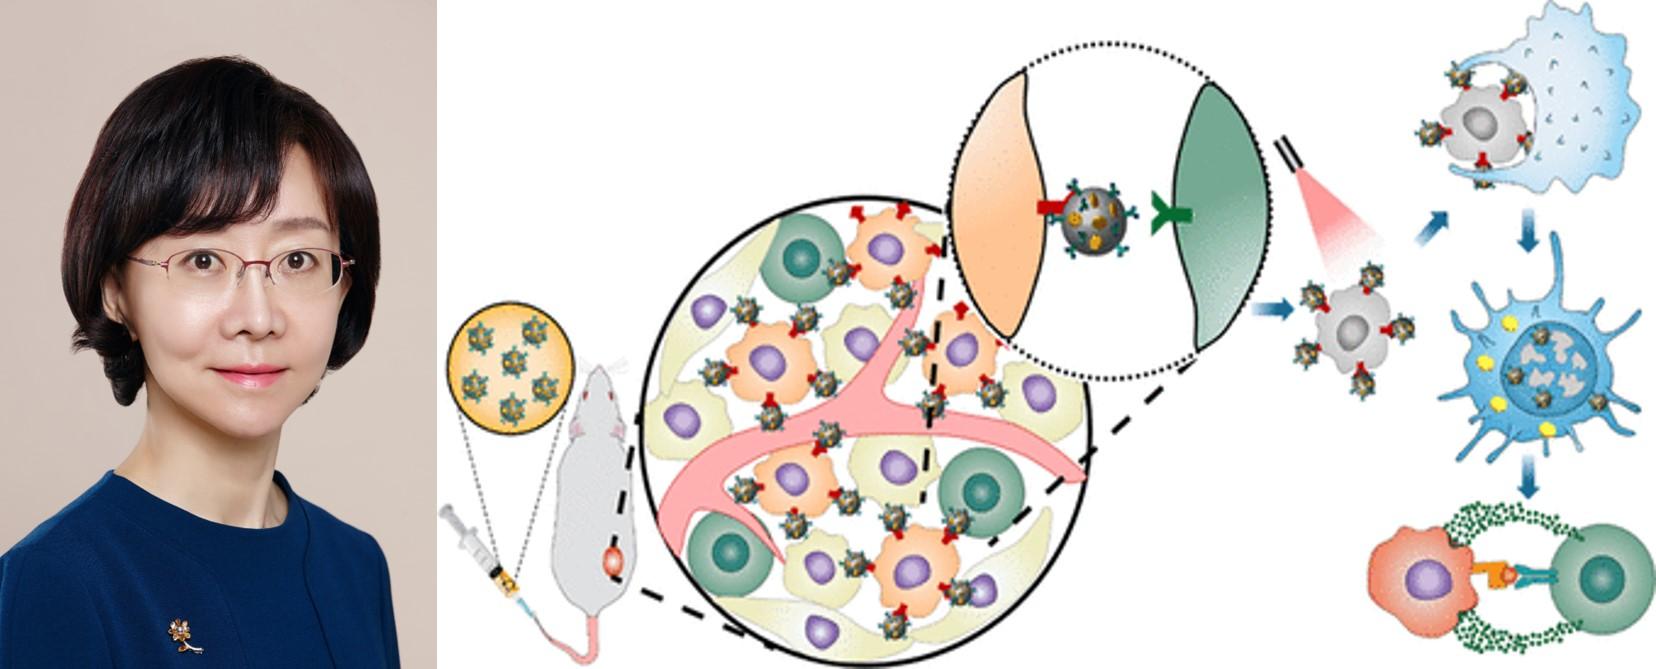 오유경 교수 연구팀, 항암면역 나노기술 개발